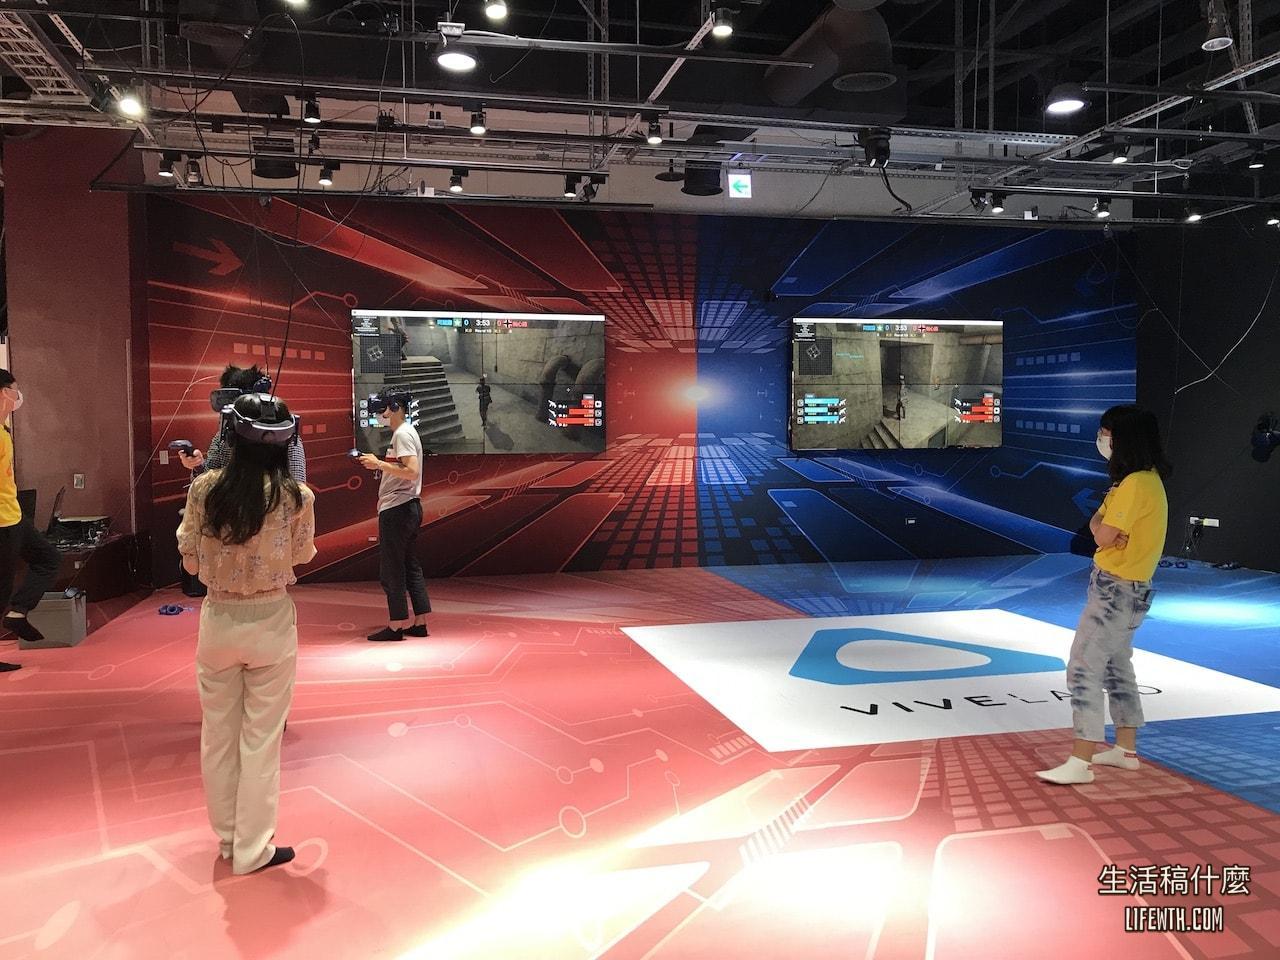 高雄大魯閣草衙道VR viveland 虛擬實境樂園/英雄防線